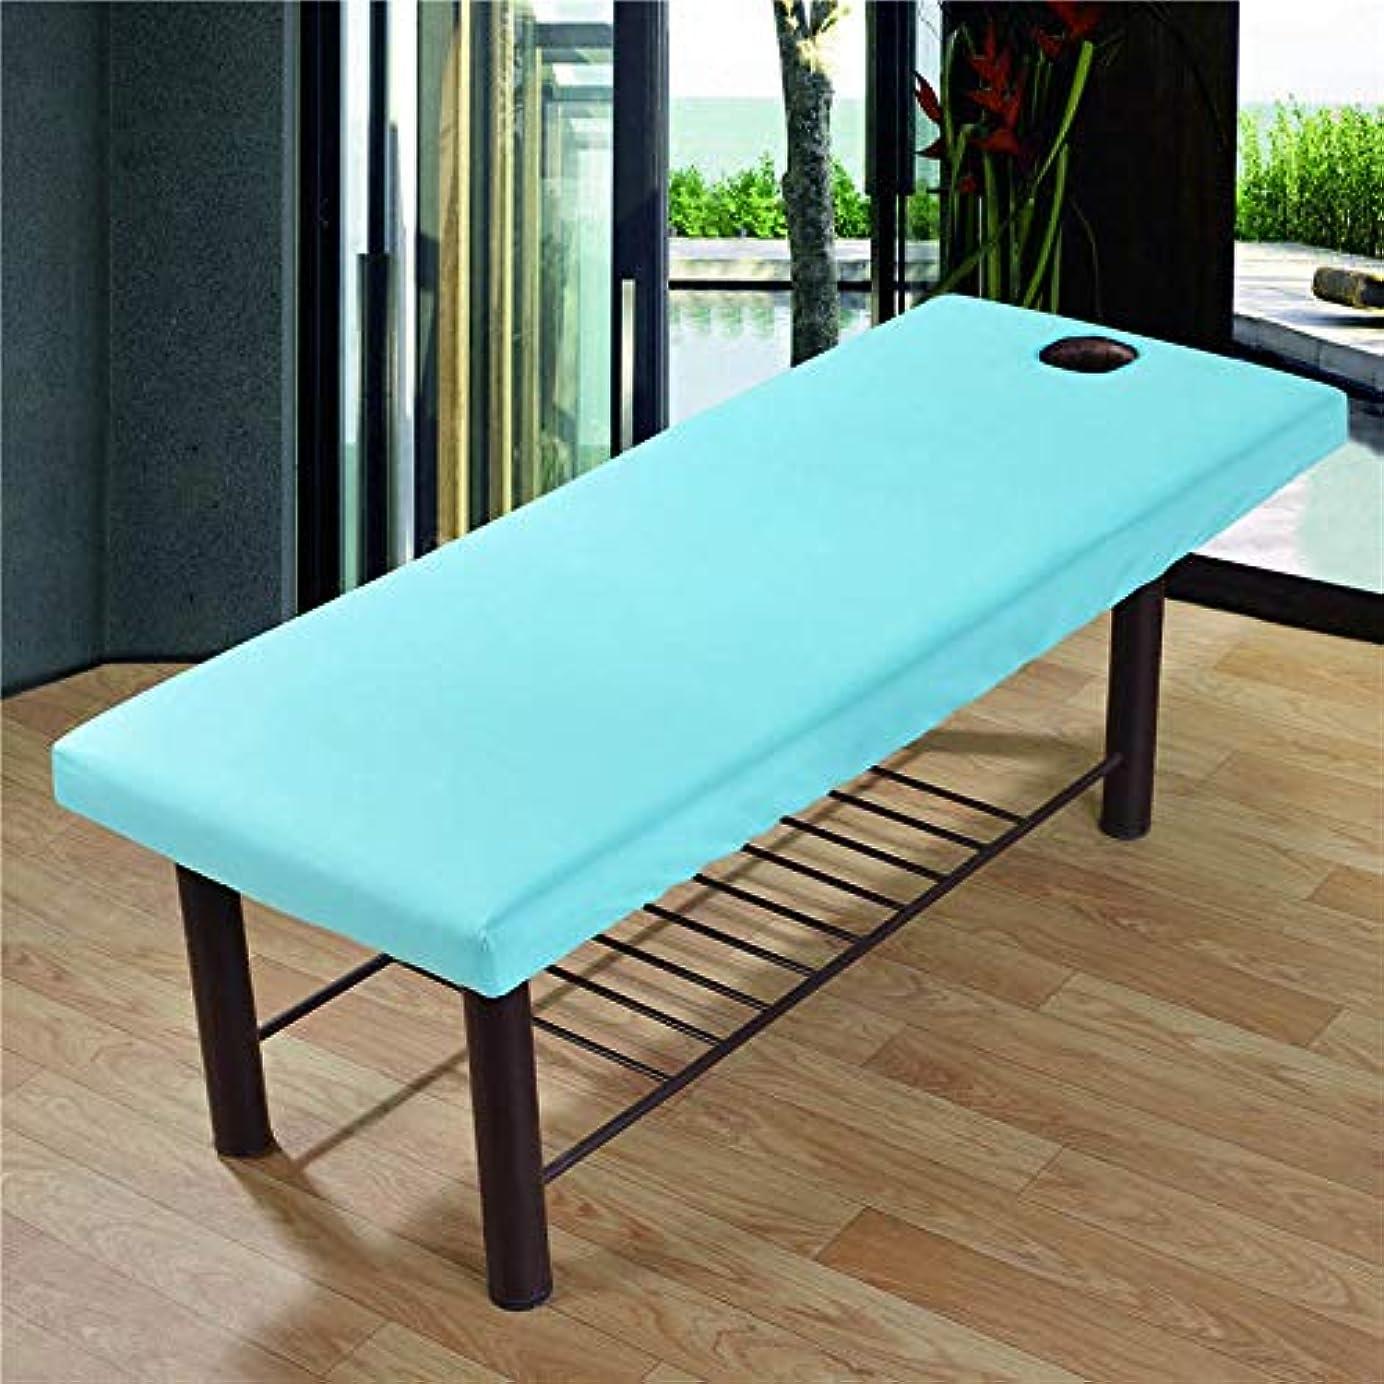 惨めなほうき丁寧CoolTack  美容院のマッサージ療法のベッドのための柔らかいSoliod色の長方形のマットレス